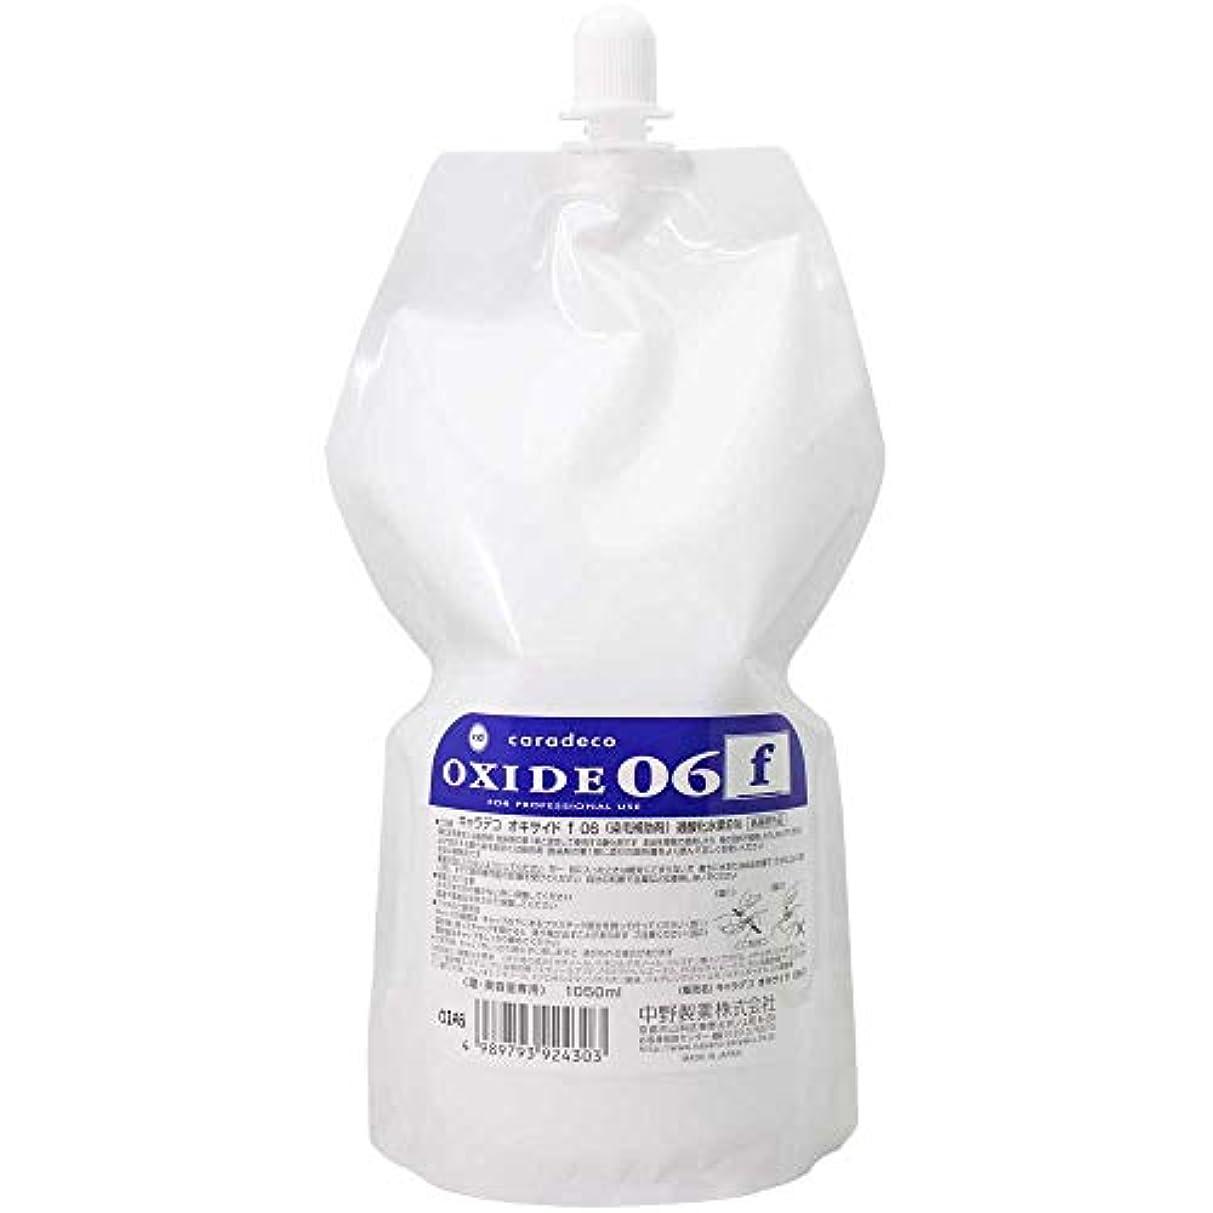 人気の移植欲求不満【ナカノ】キャラデコ オキサイドf 06 第2剤 (過酸化水素6%) 1050ml